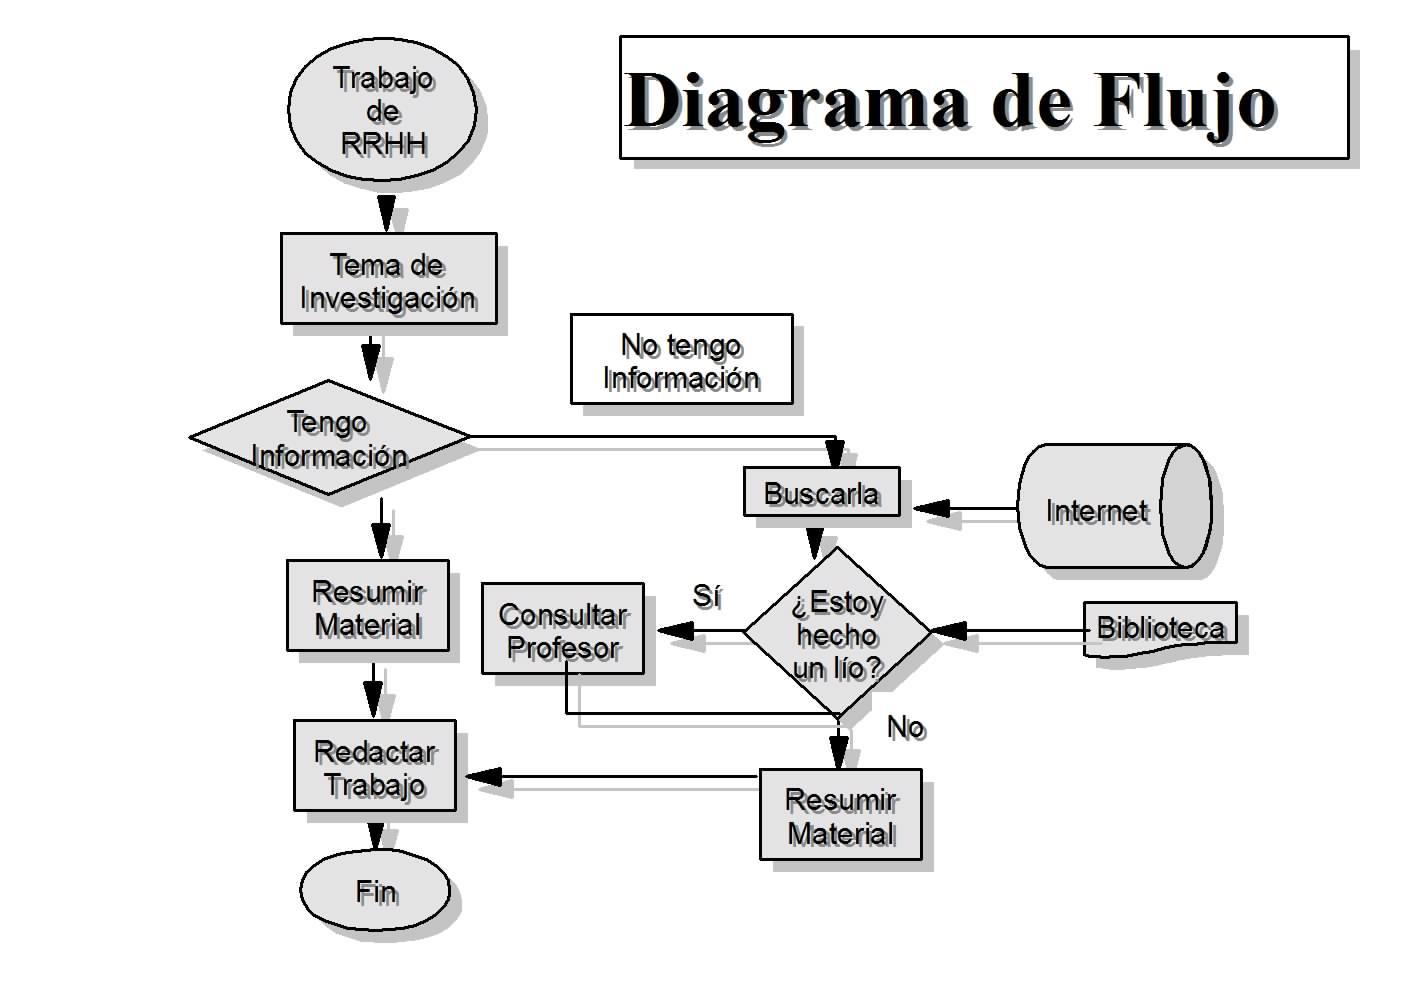 Ejemplo de diagrama de flujo ejemplos de - Busco arquitecto tecnico ...